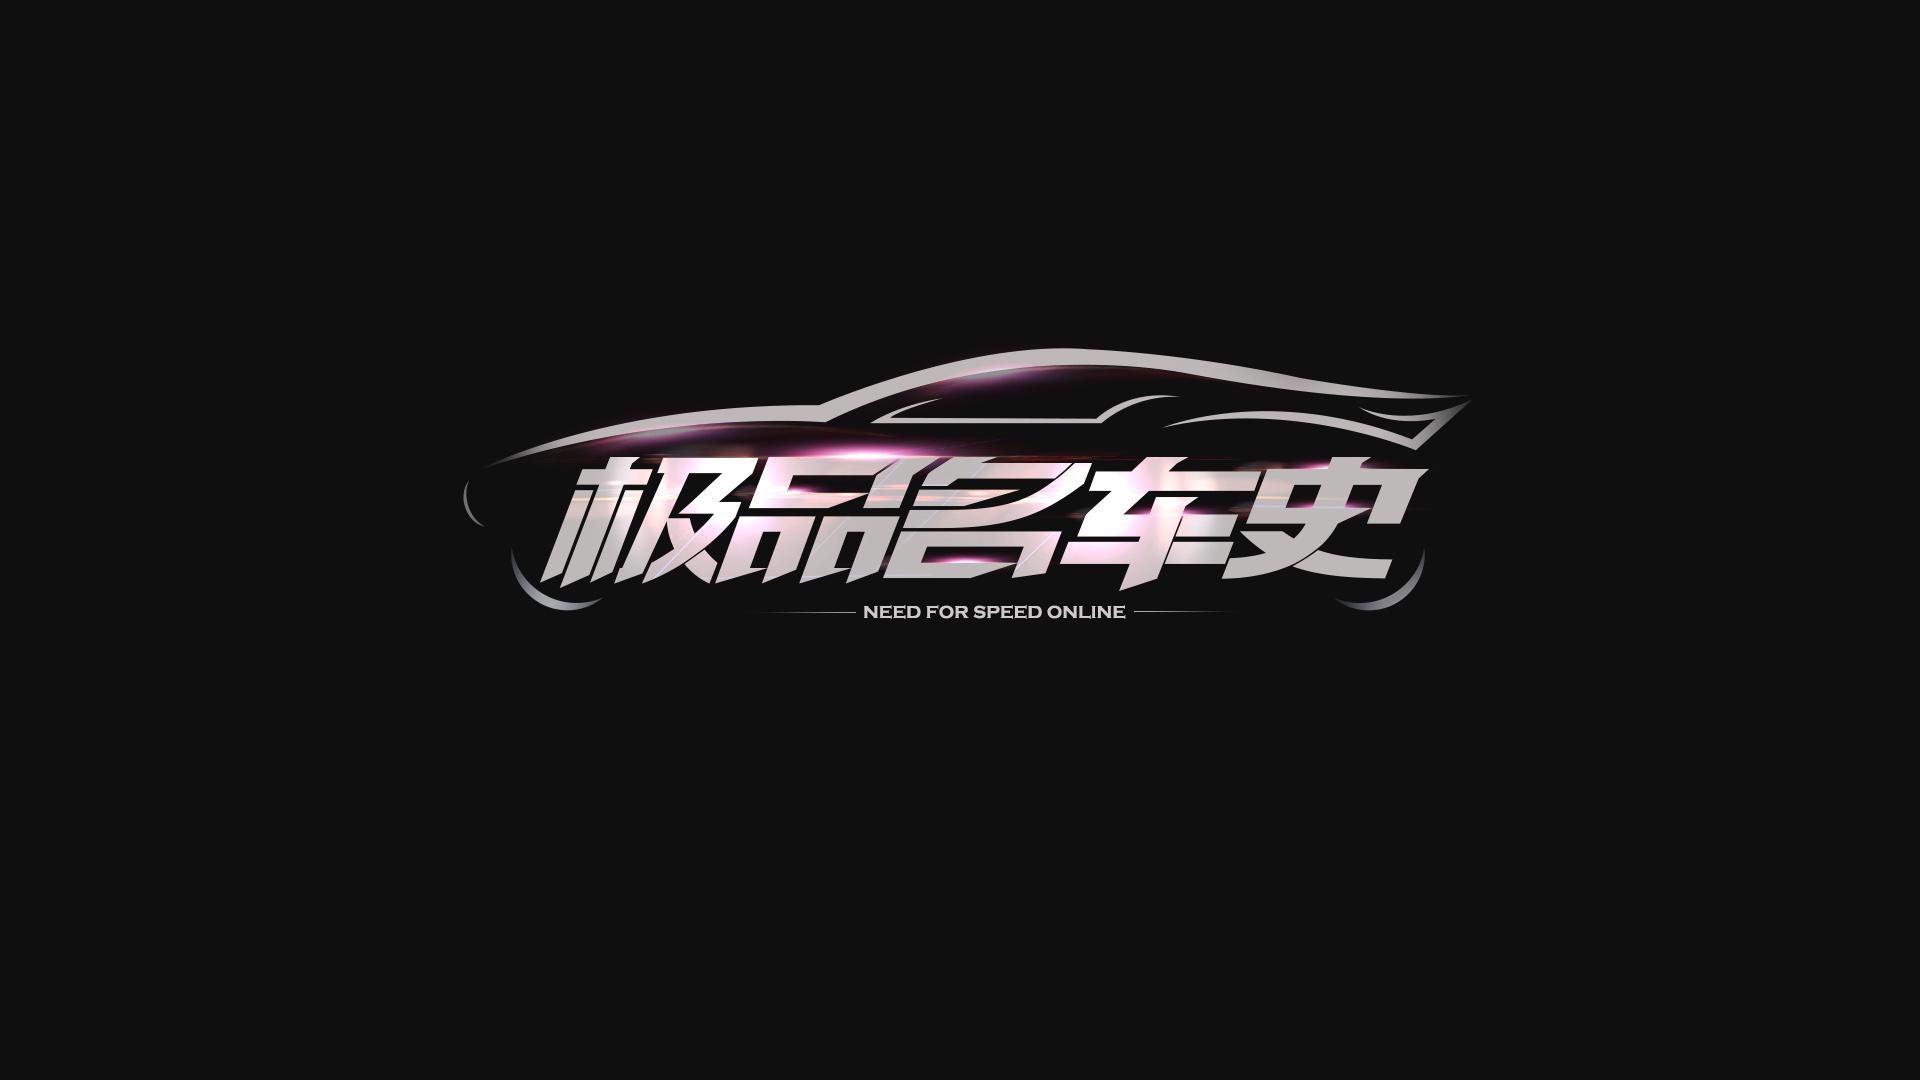 专题logo设计,汽车形象,突出急速飞驰元素.